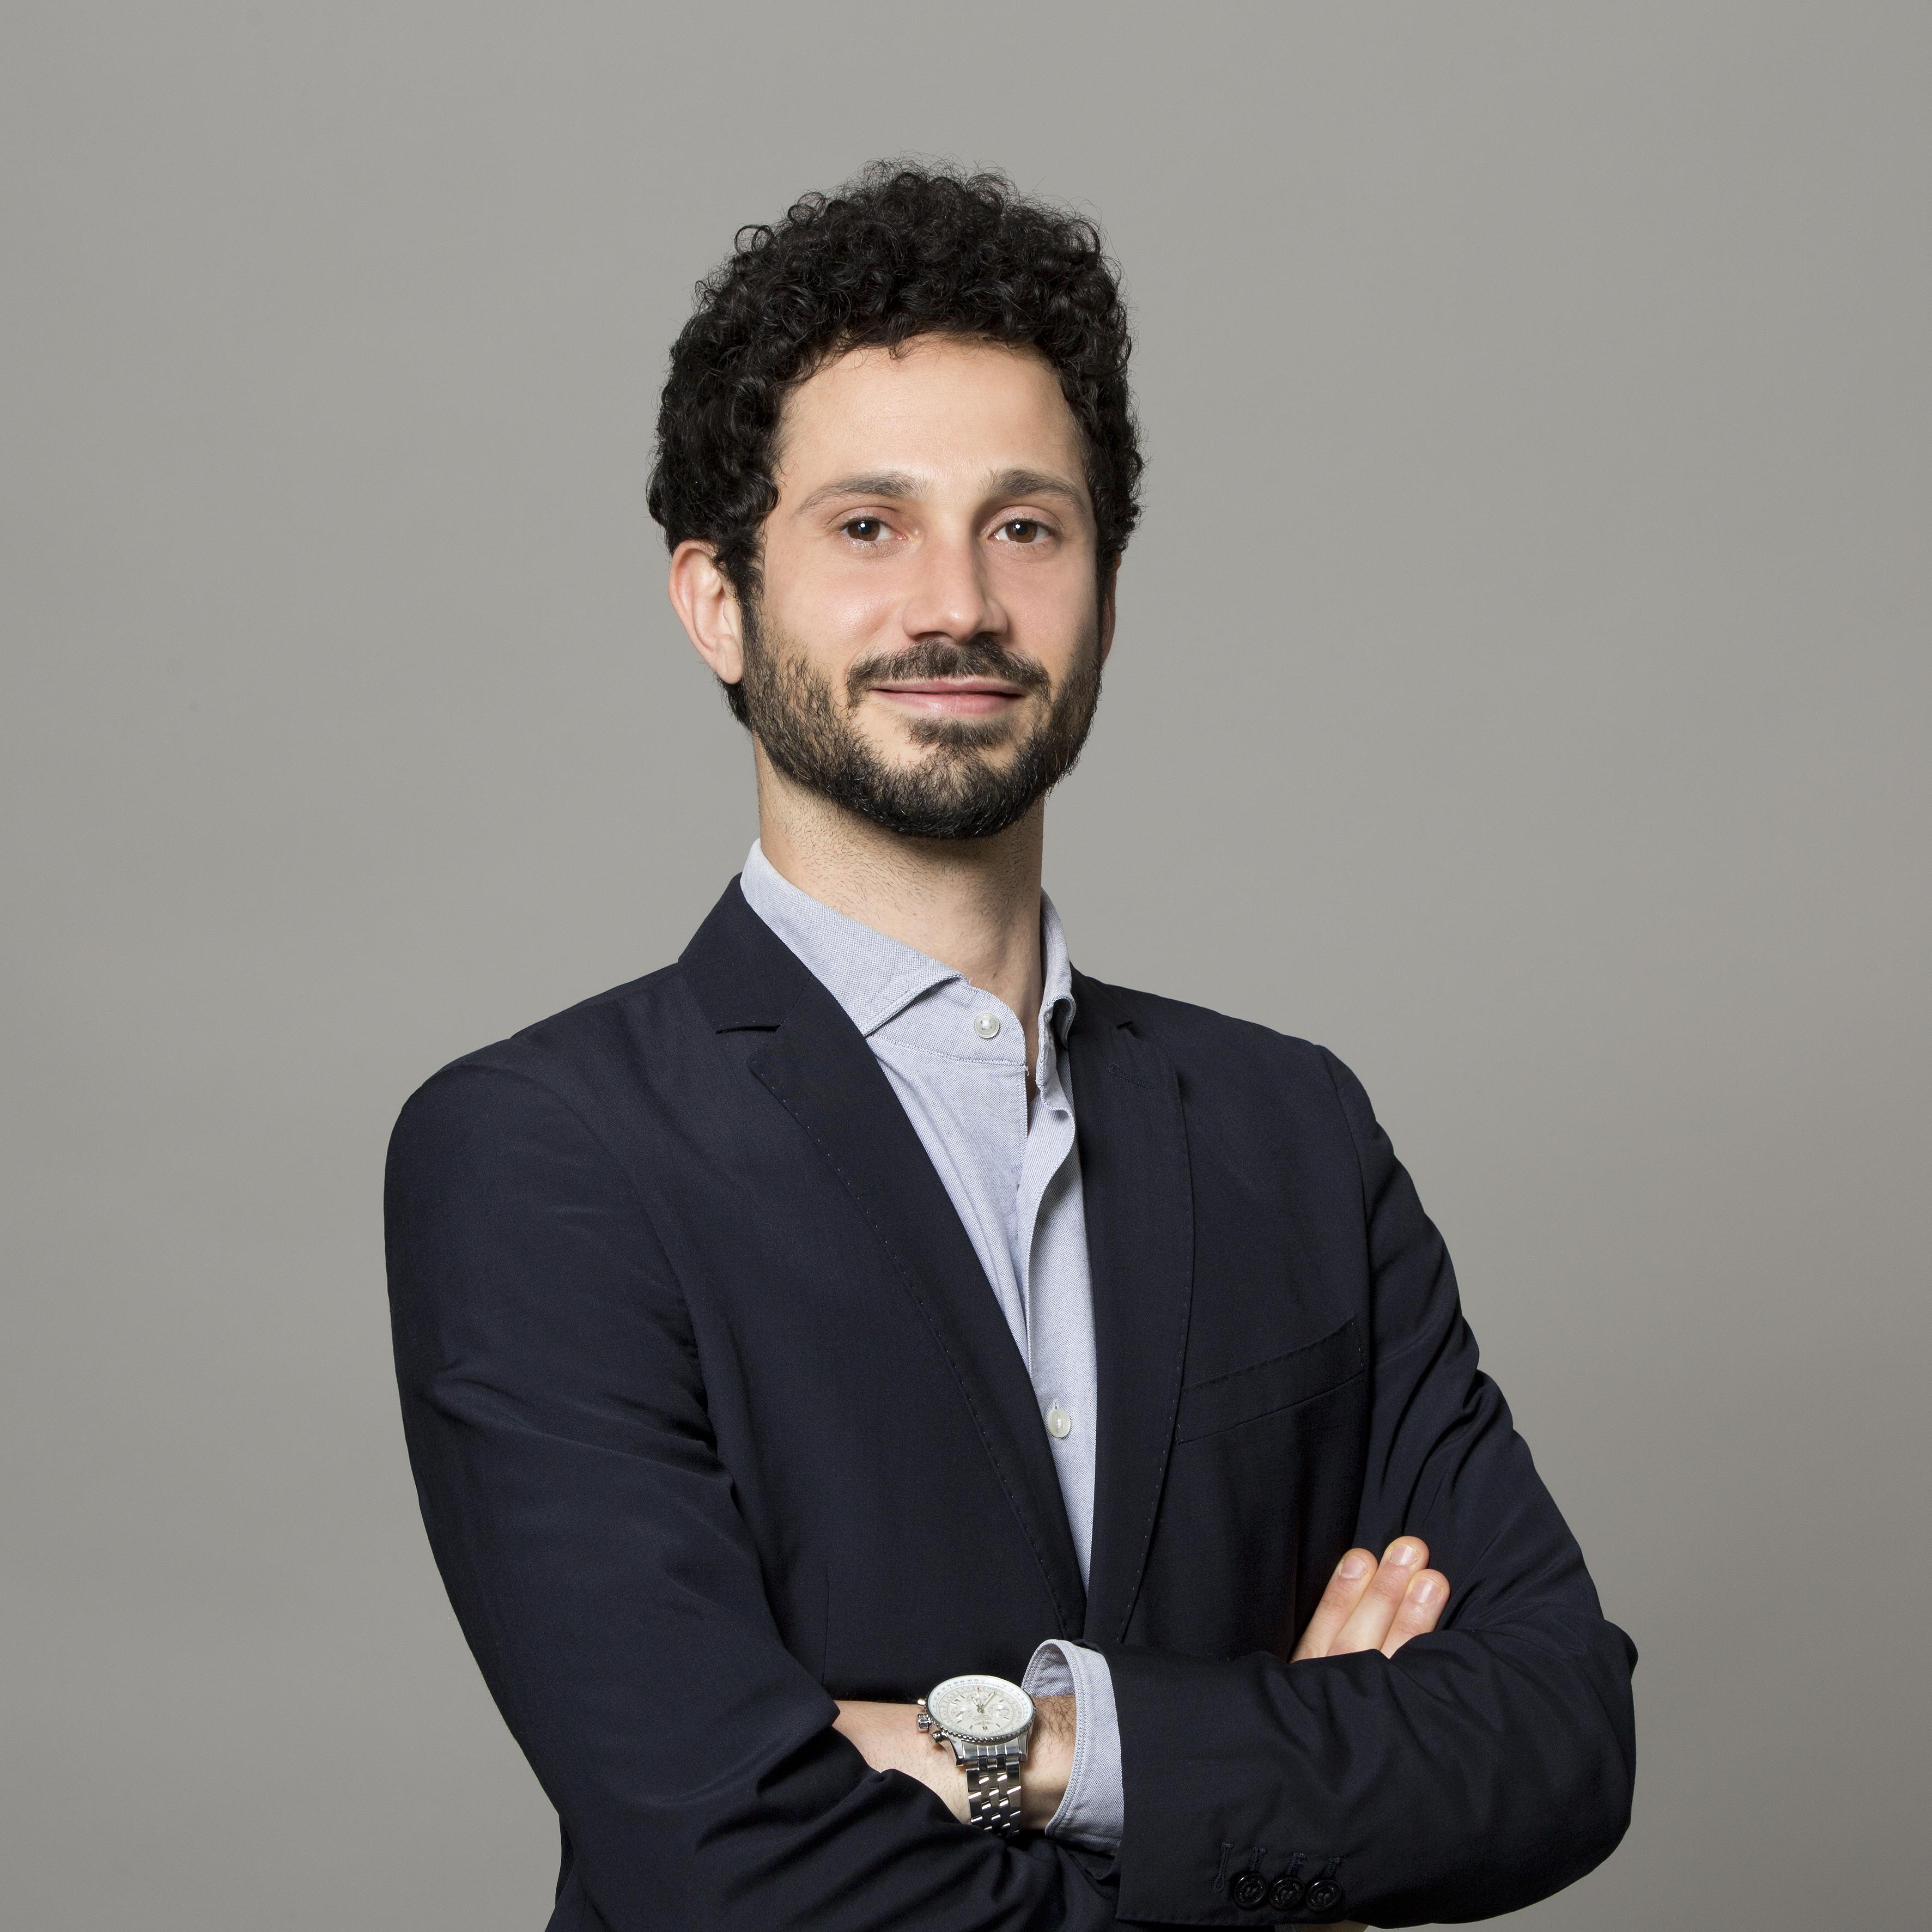 Giorgio Guarneri